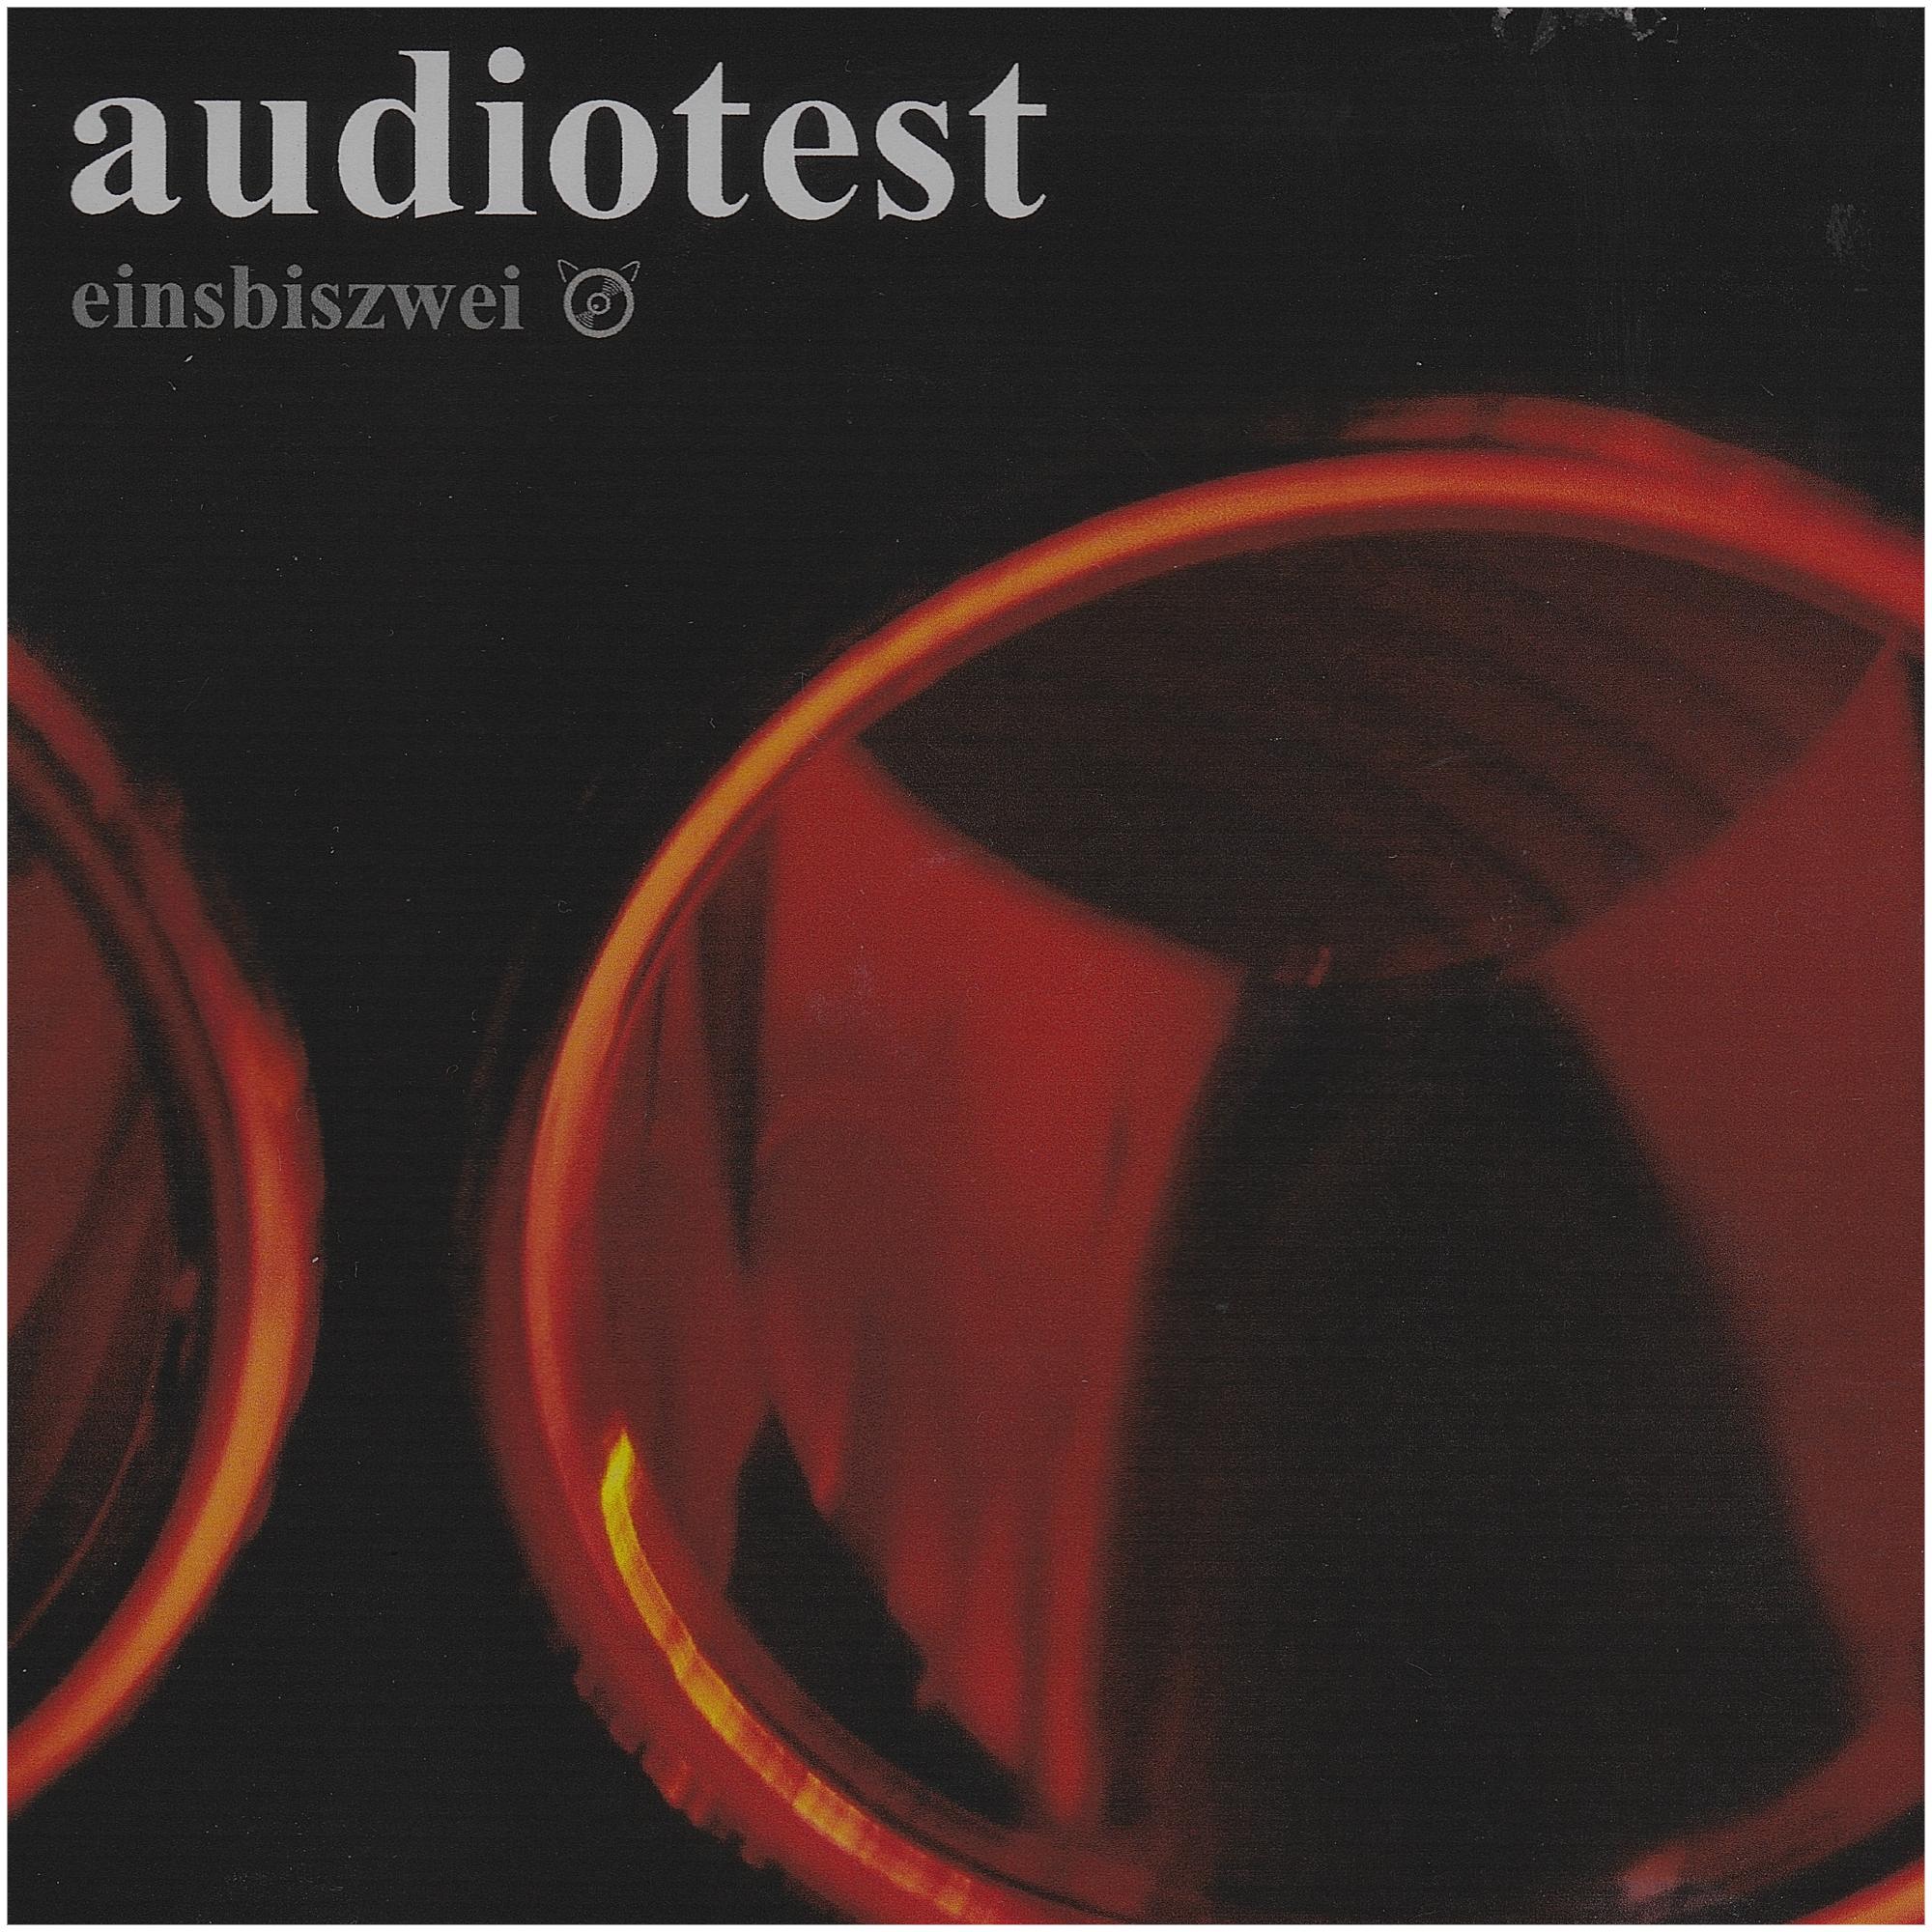 Audiotest - Einsbiszwei